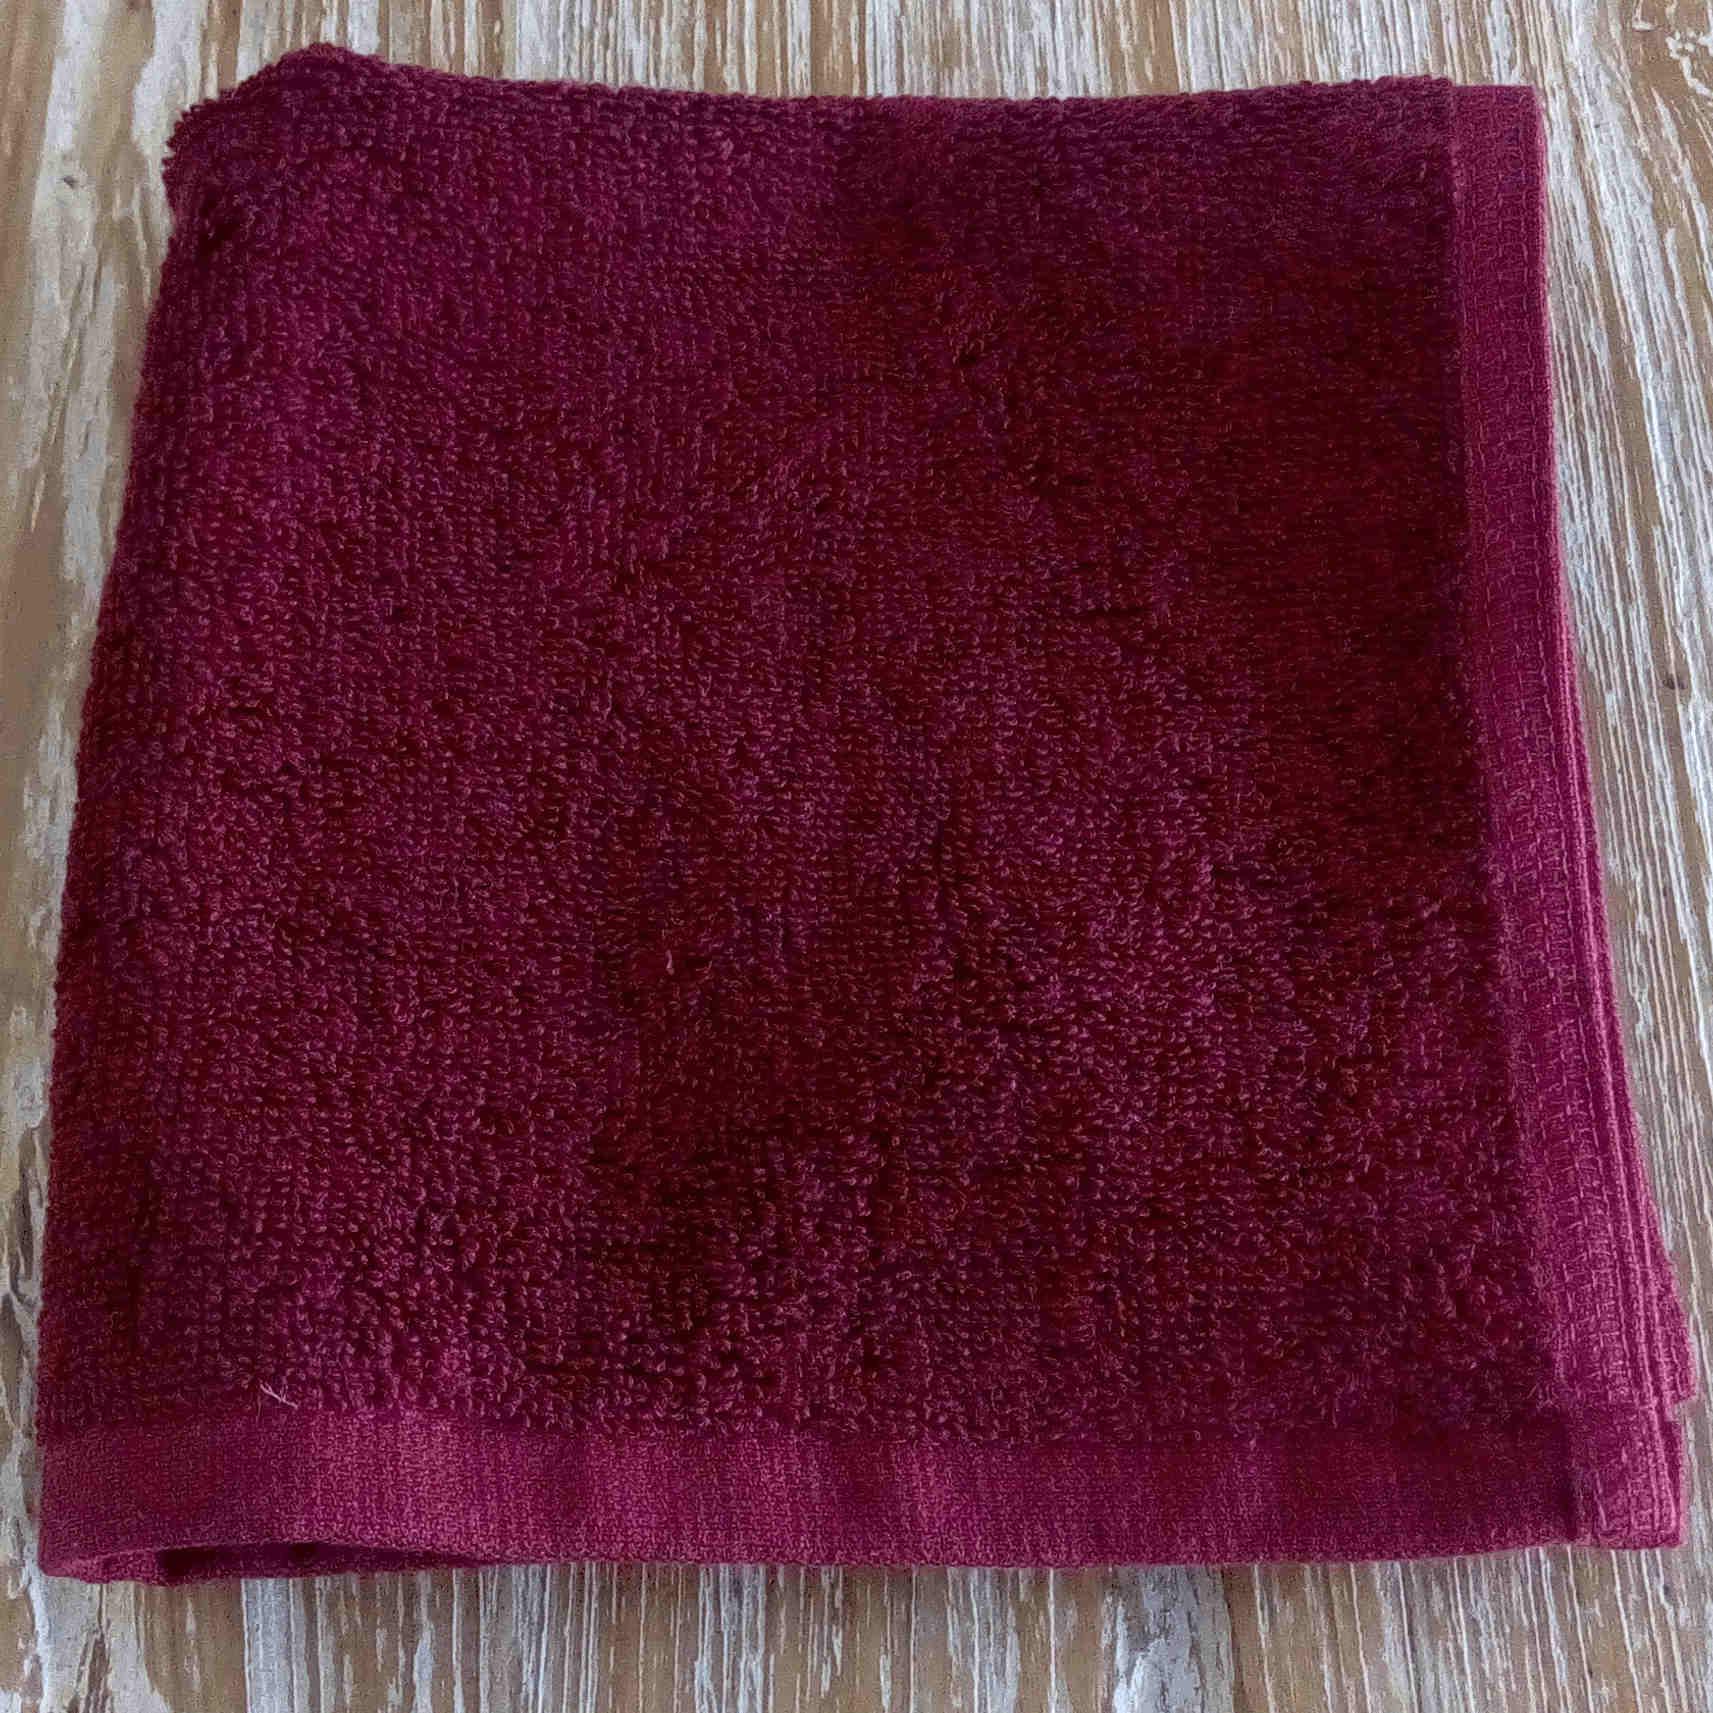 Face Towel - Maroon - BaliOz